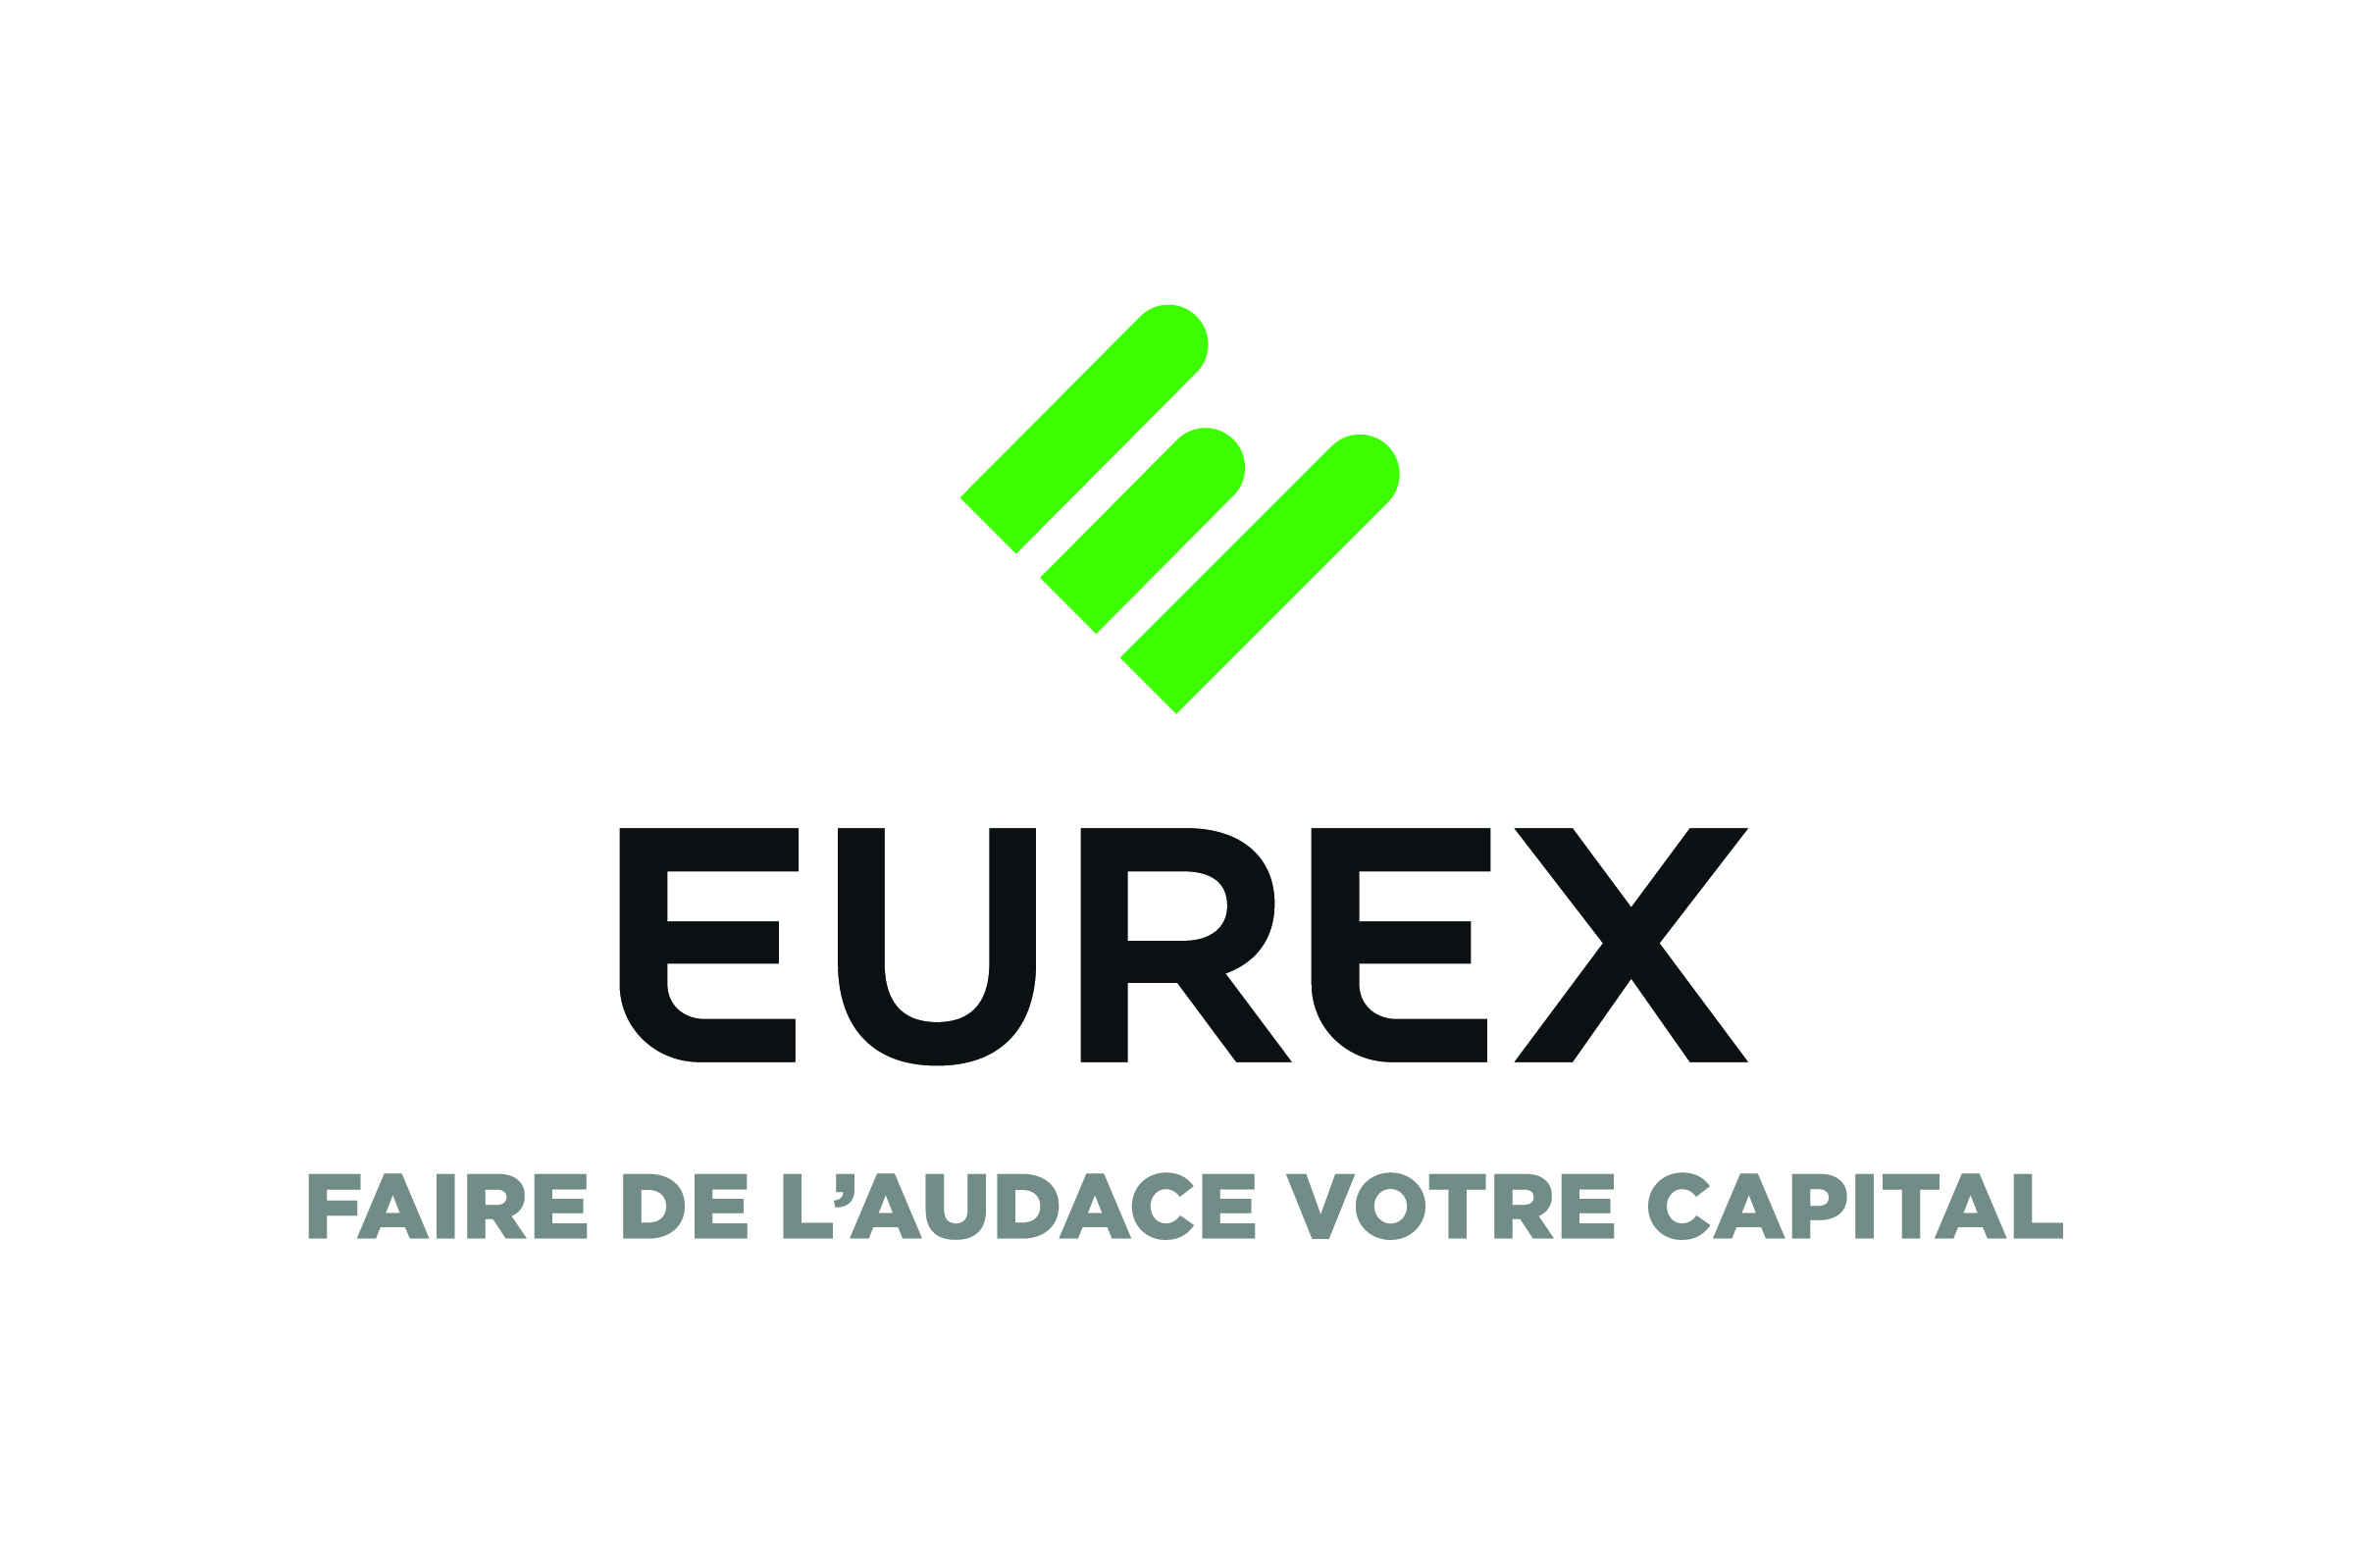 EUREX.jpg